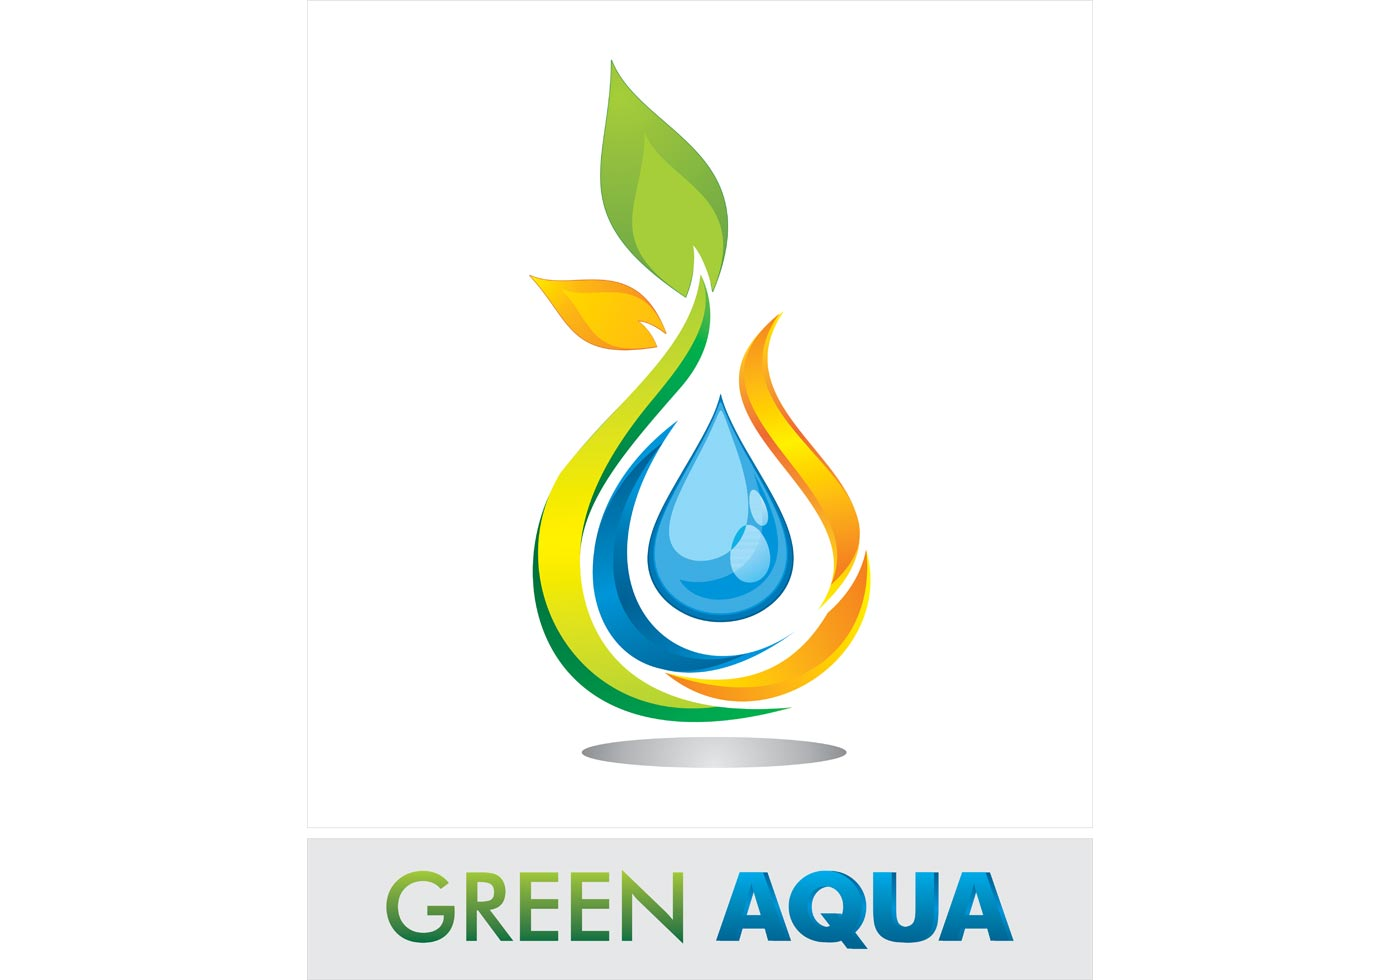 Green Aqua Logo Vector | Free Vector Art at Vecteezy!